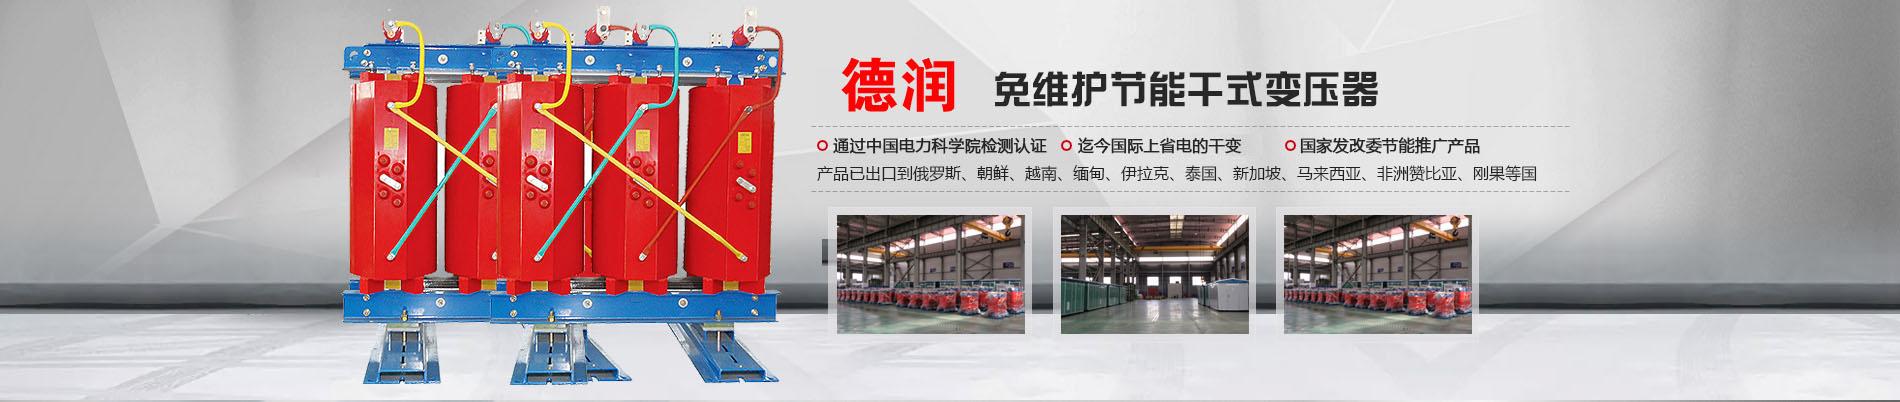 河南干式变压器厂家